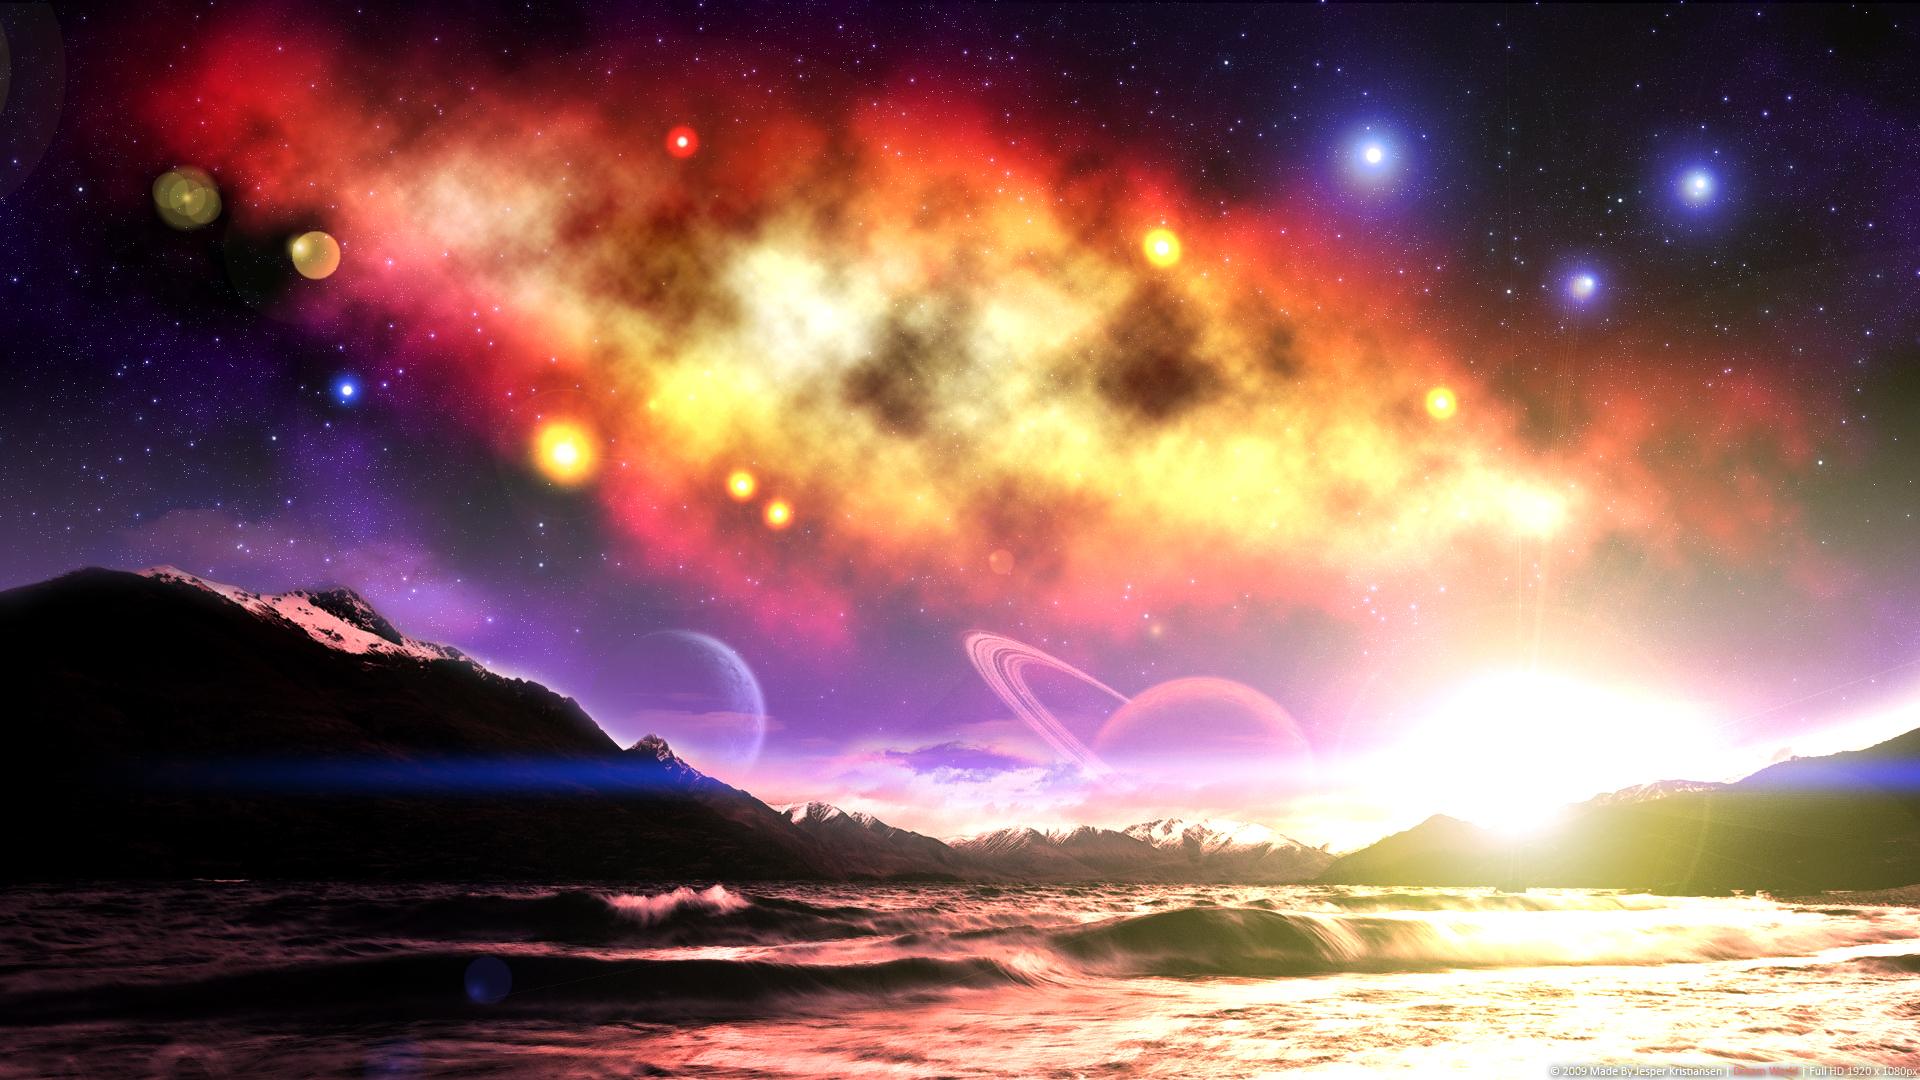 Sci Fi Wallpaper 1920x1080 Sci Fi Planets Post The Best 1920x1080